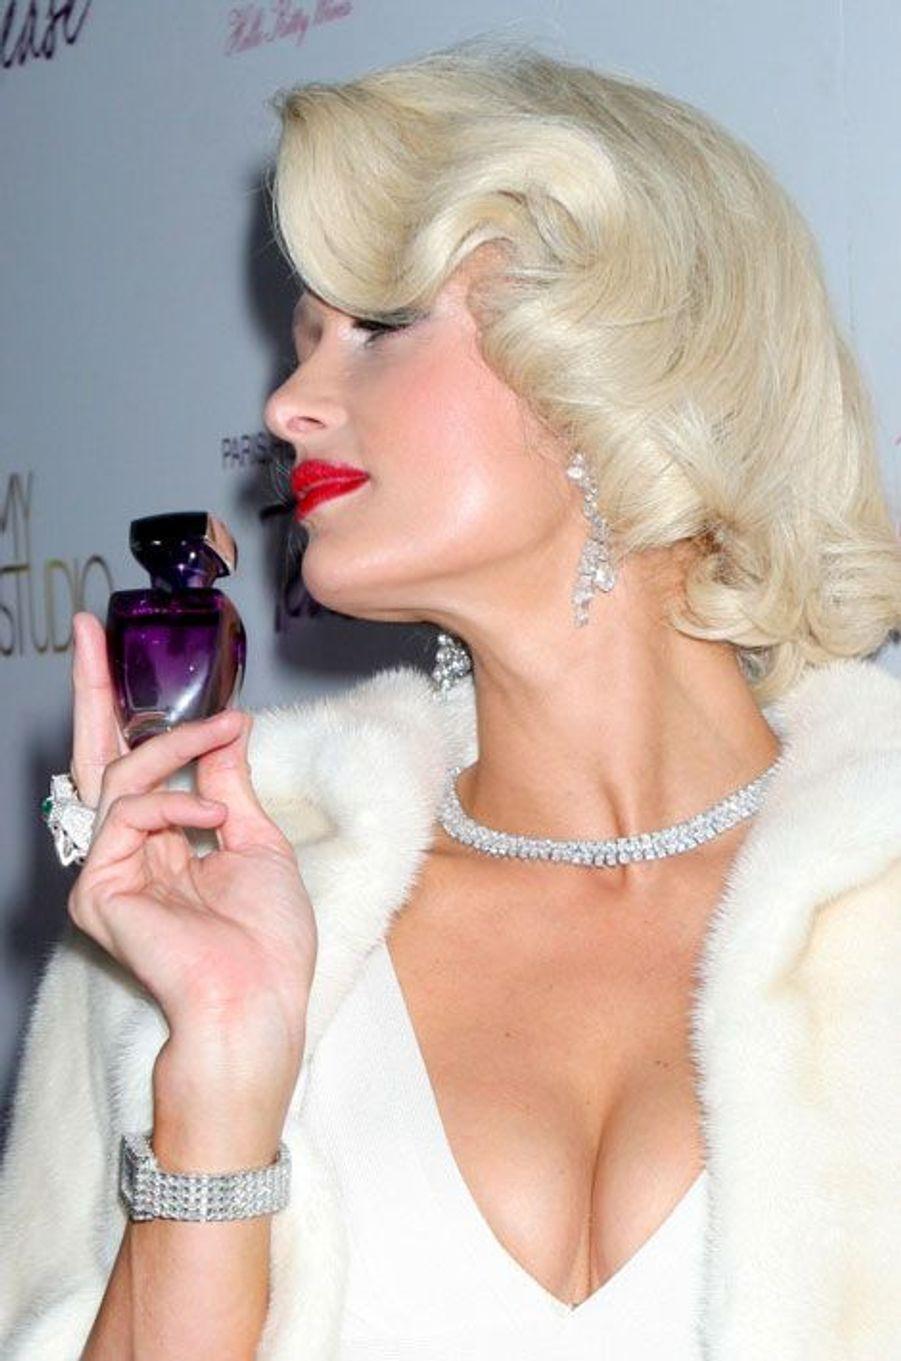 Redoutable femme d'affaires, Paris Hilton a sorti son premier parfum Paris Hilton Fragrance en 2004, à Sao Paulo. Elle créera ensuite pas mois de dix autres essences, dont Tease, lancée en 2010 (sur la photo).